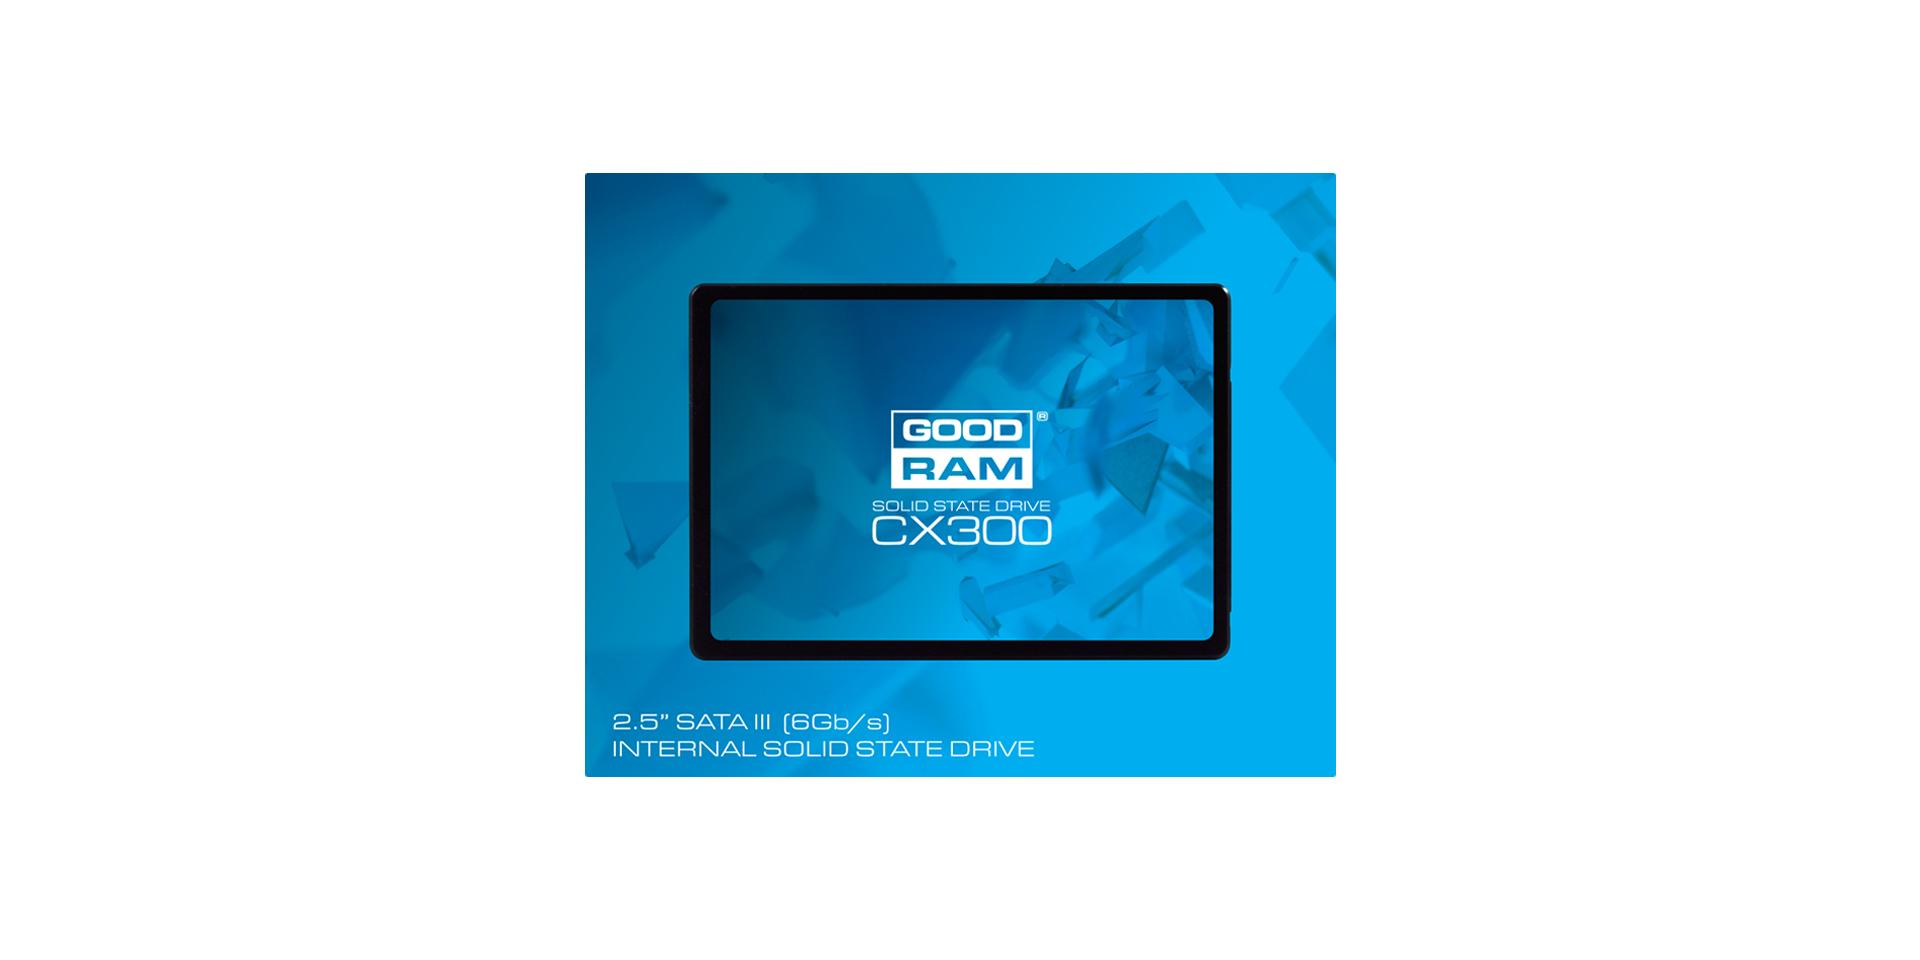 CX300 SSD box